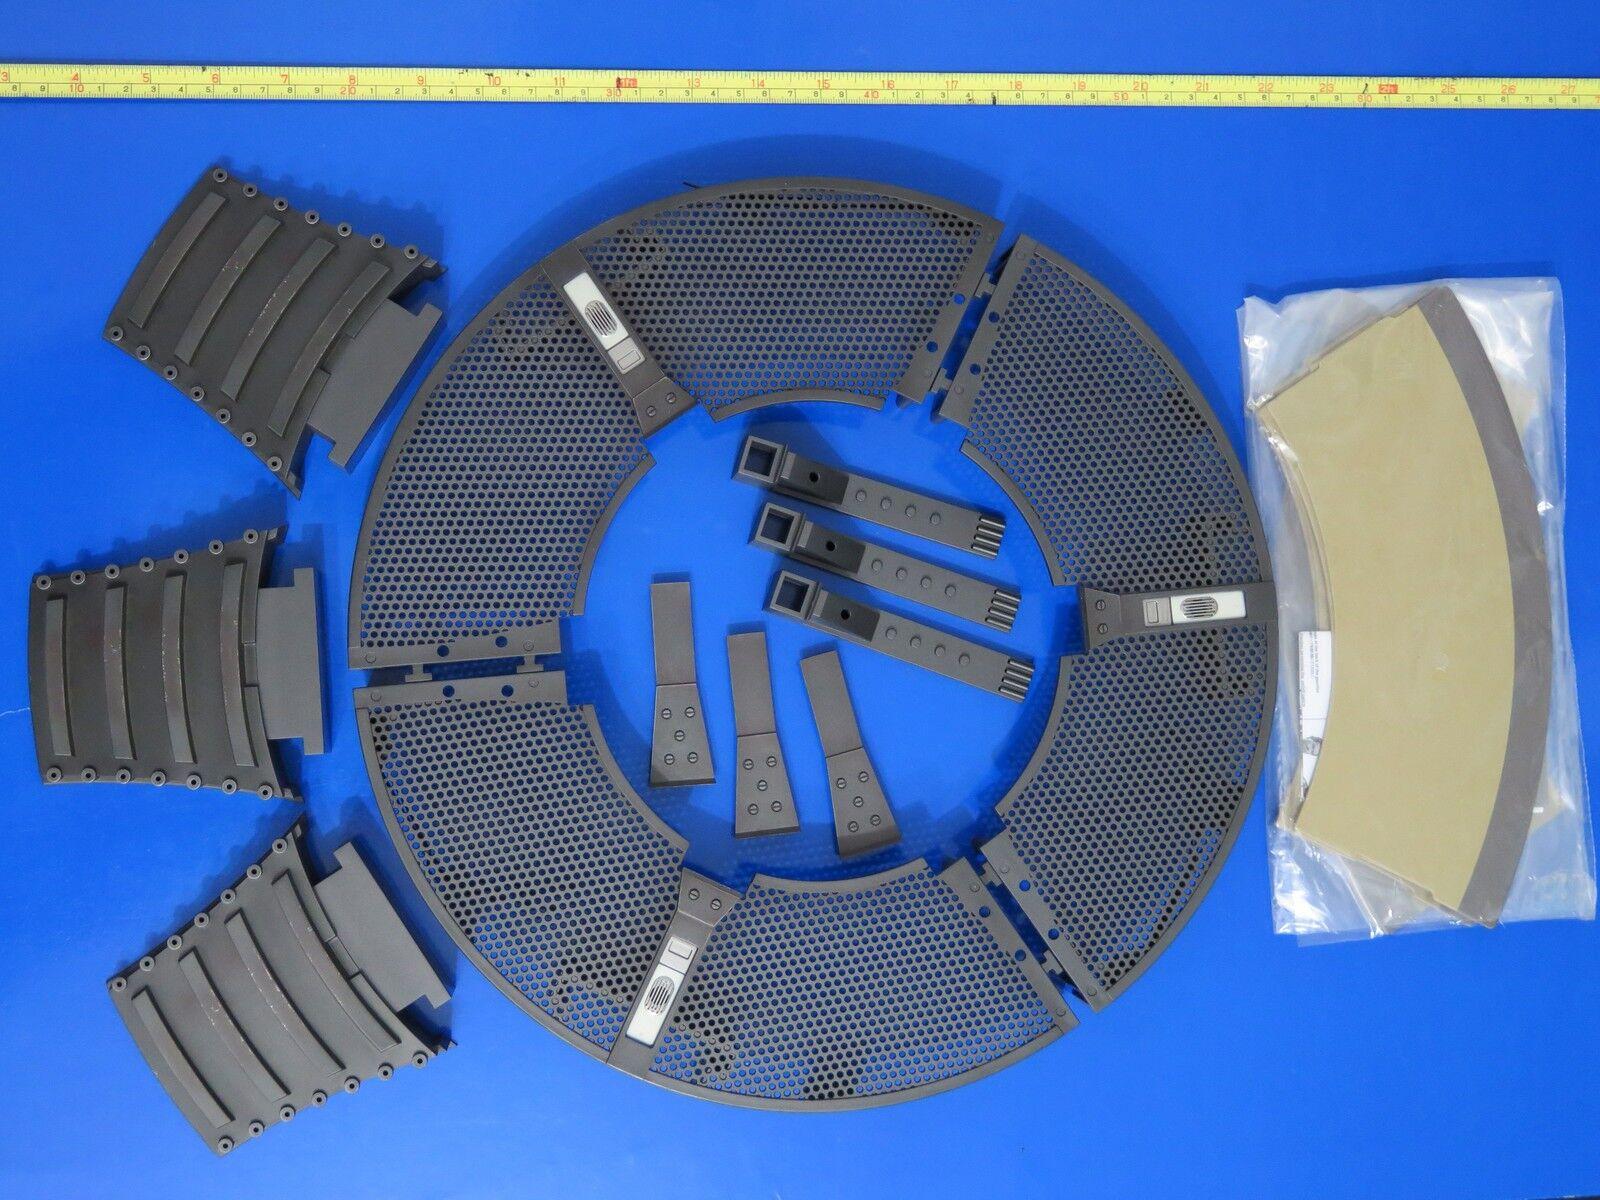 Heißes spielzeug mms191 iron man 3 tony stark workshop über. - phase (äußere fläche) bis 6